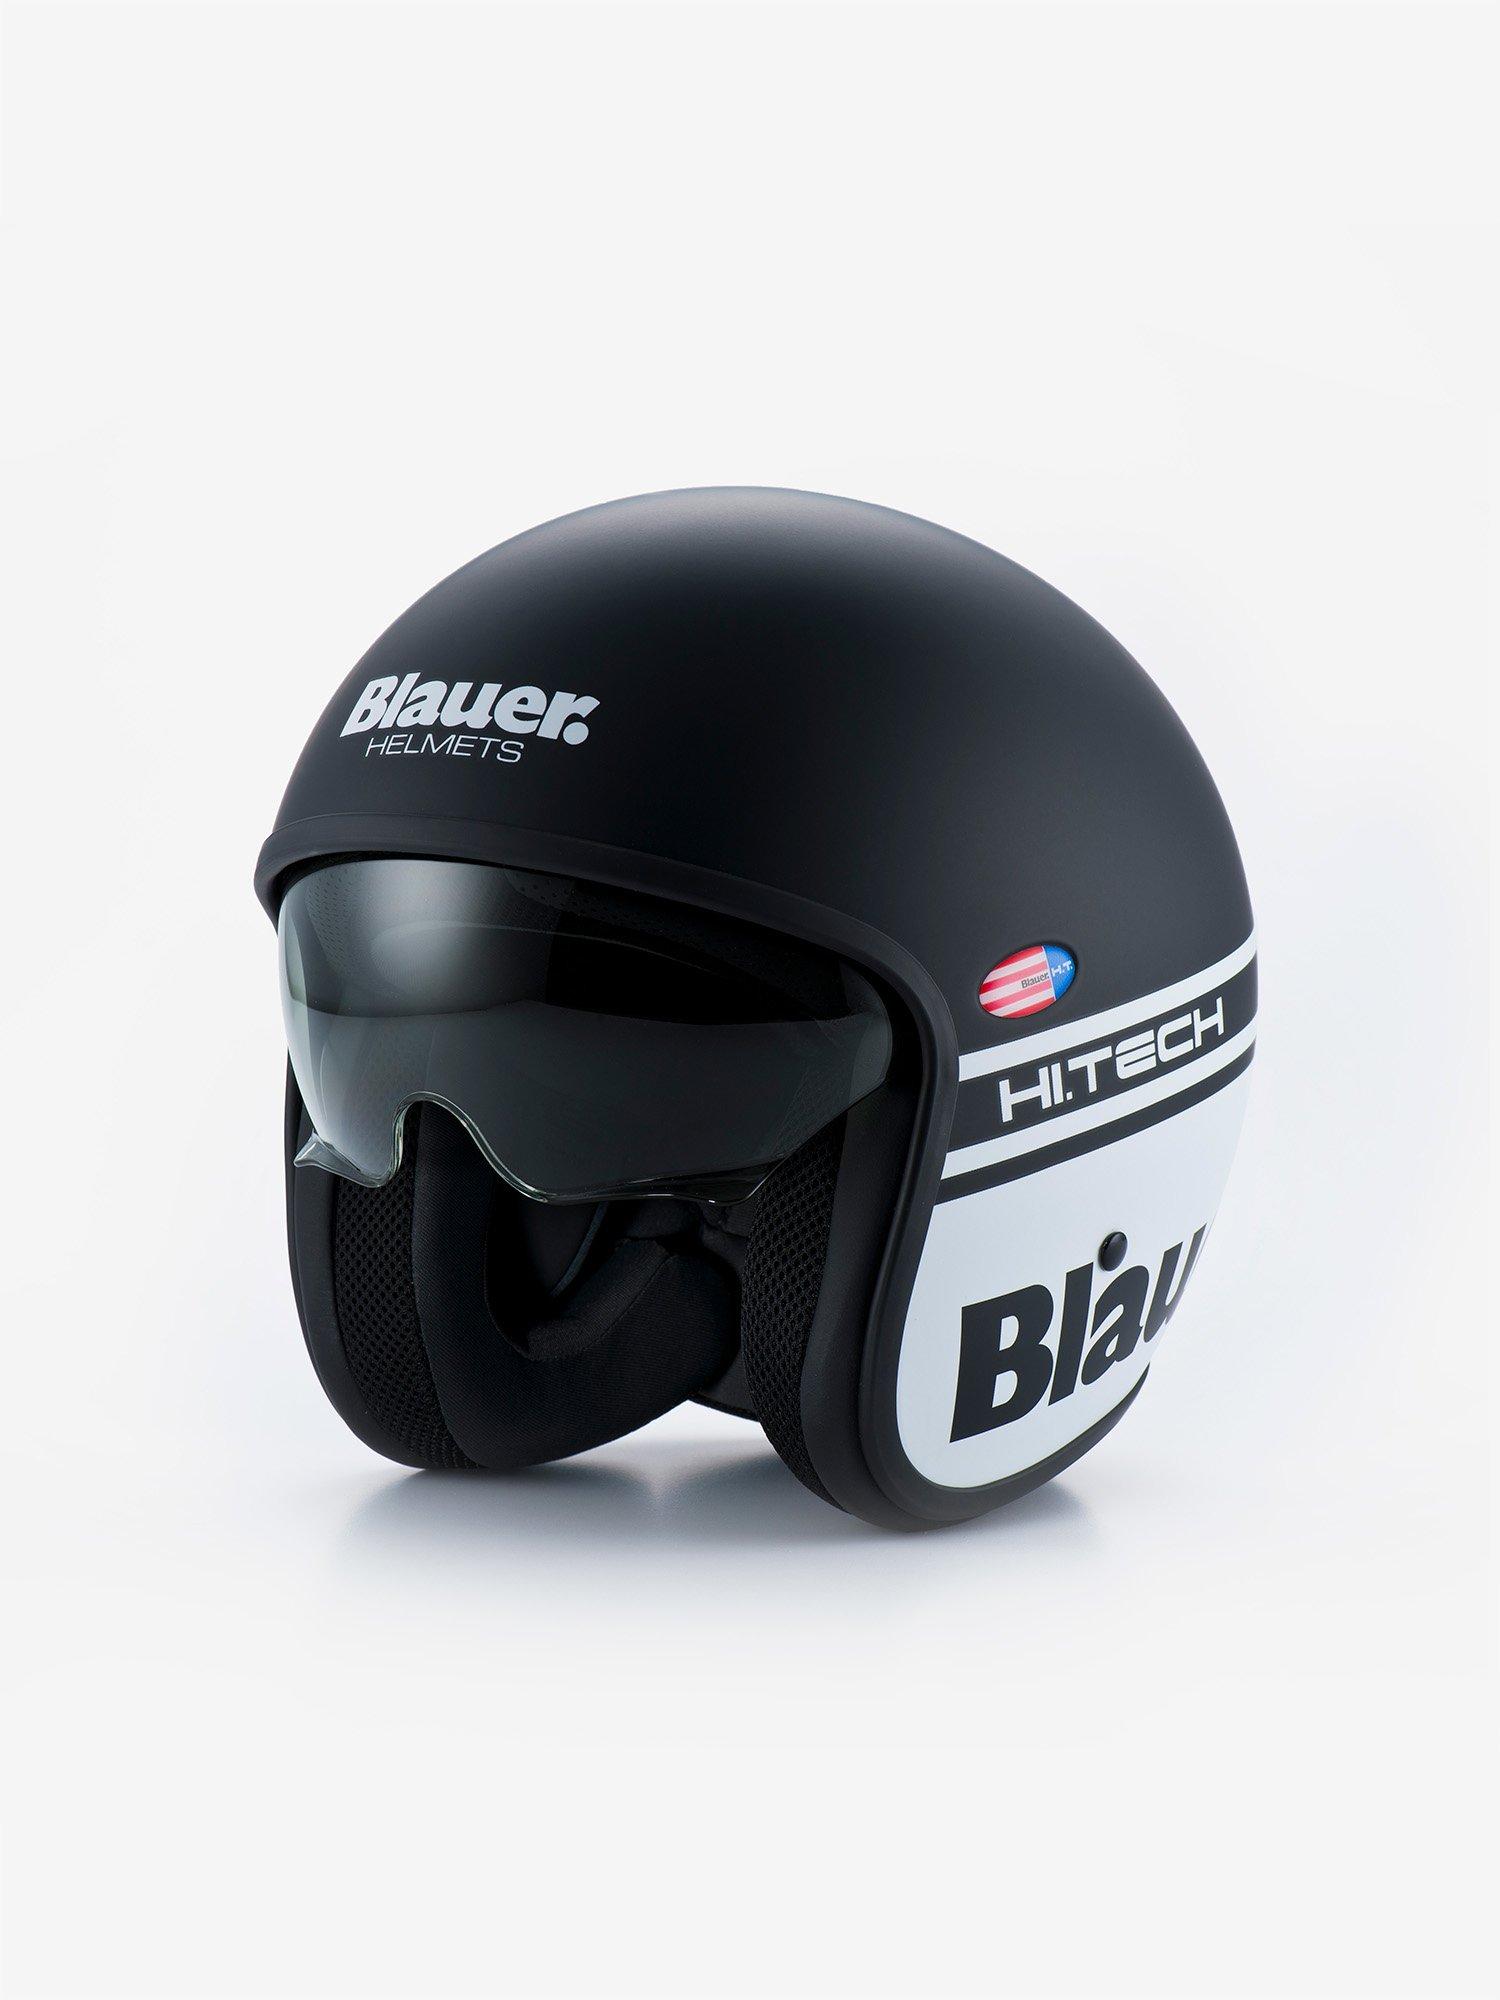 Blauer - PILOT 1.1 - Black Matt - Blauer